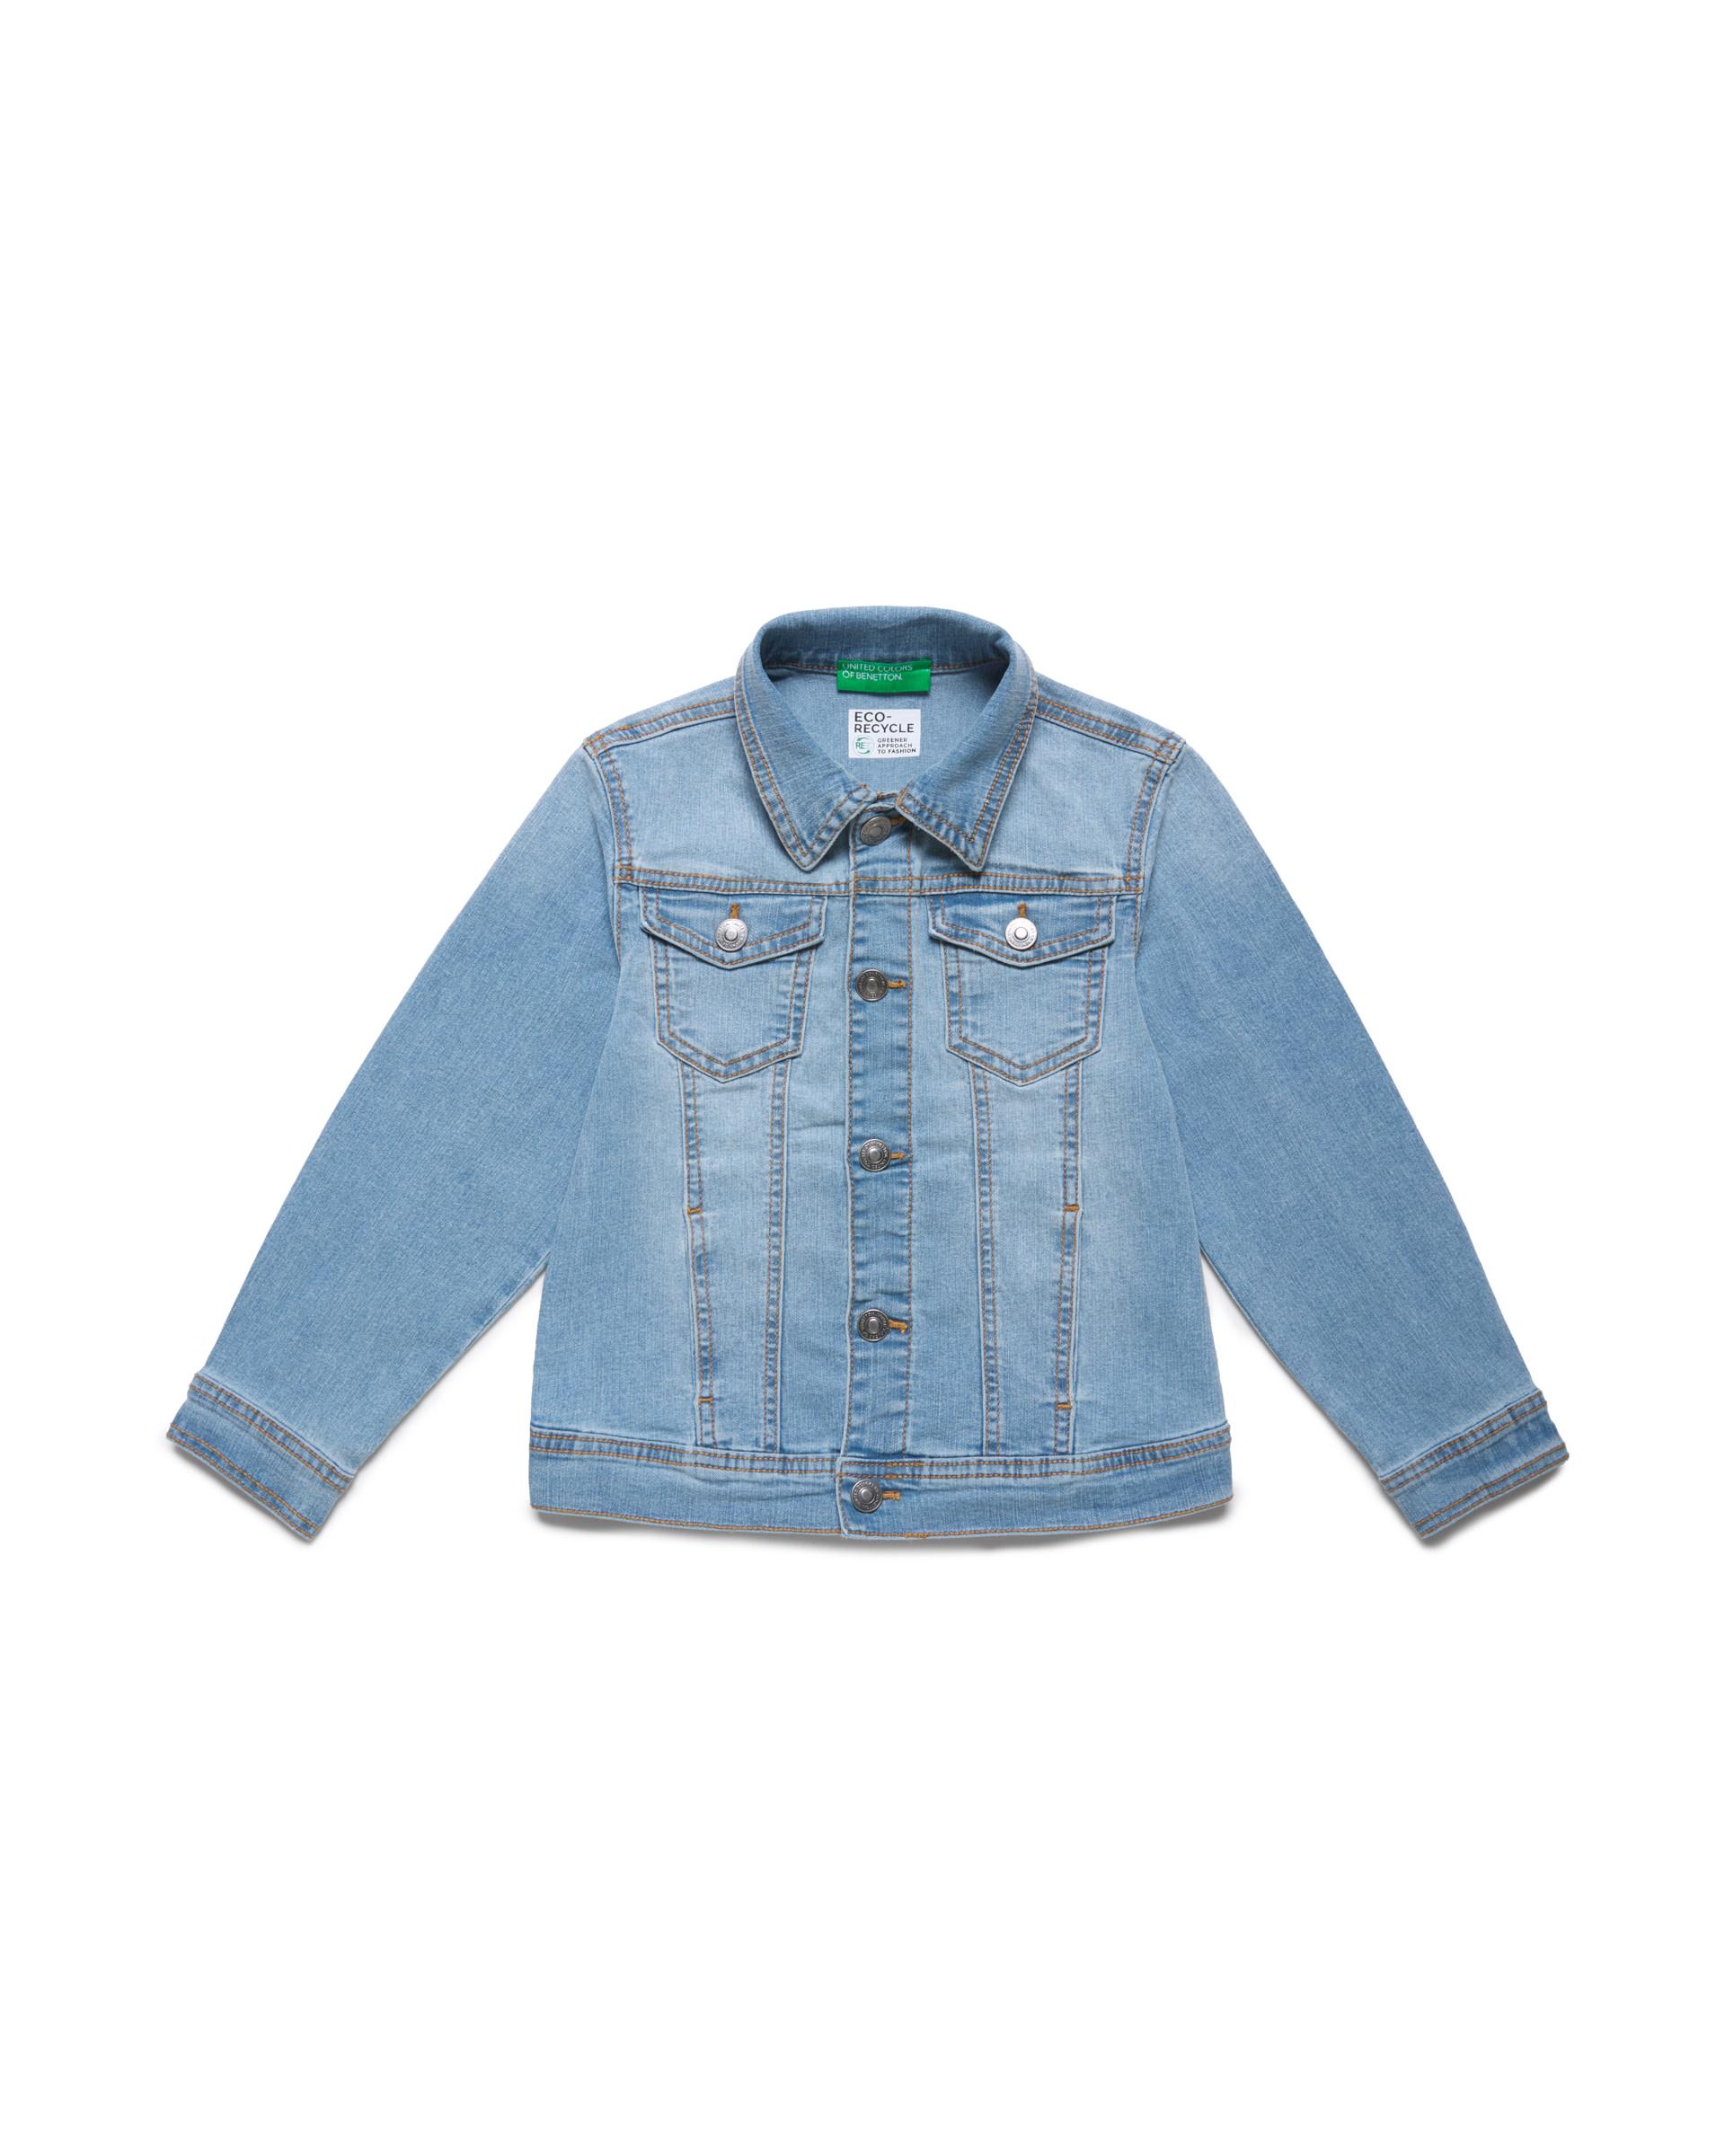 Купить 20P_2XA253HM0_902, Джинсовая куртка для мальчиков Benetton 2XA253HM0_902 р-р 152, United Colors of Benetton, Куртки для мальчиков